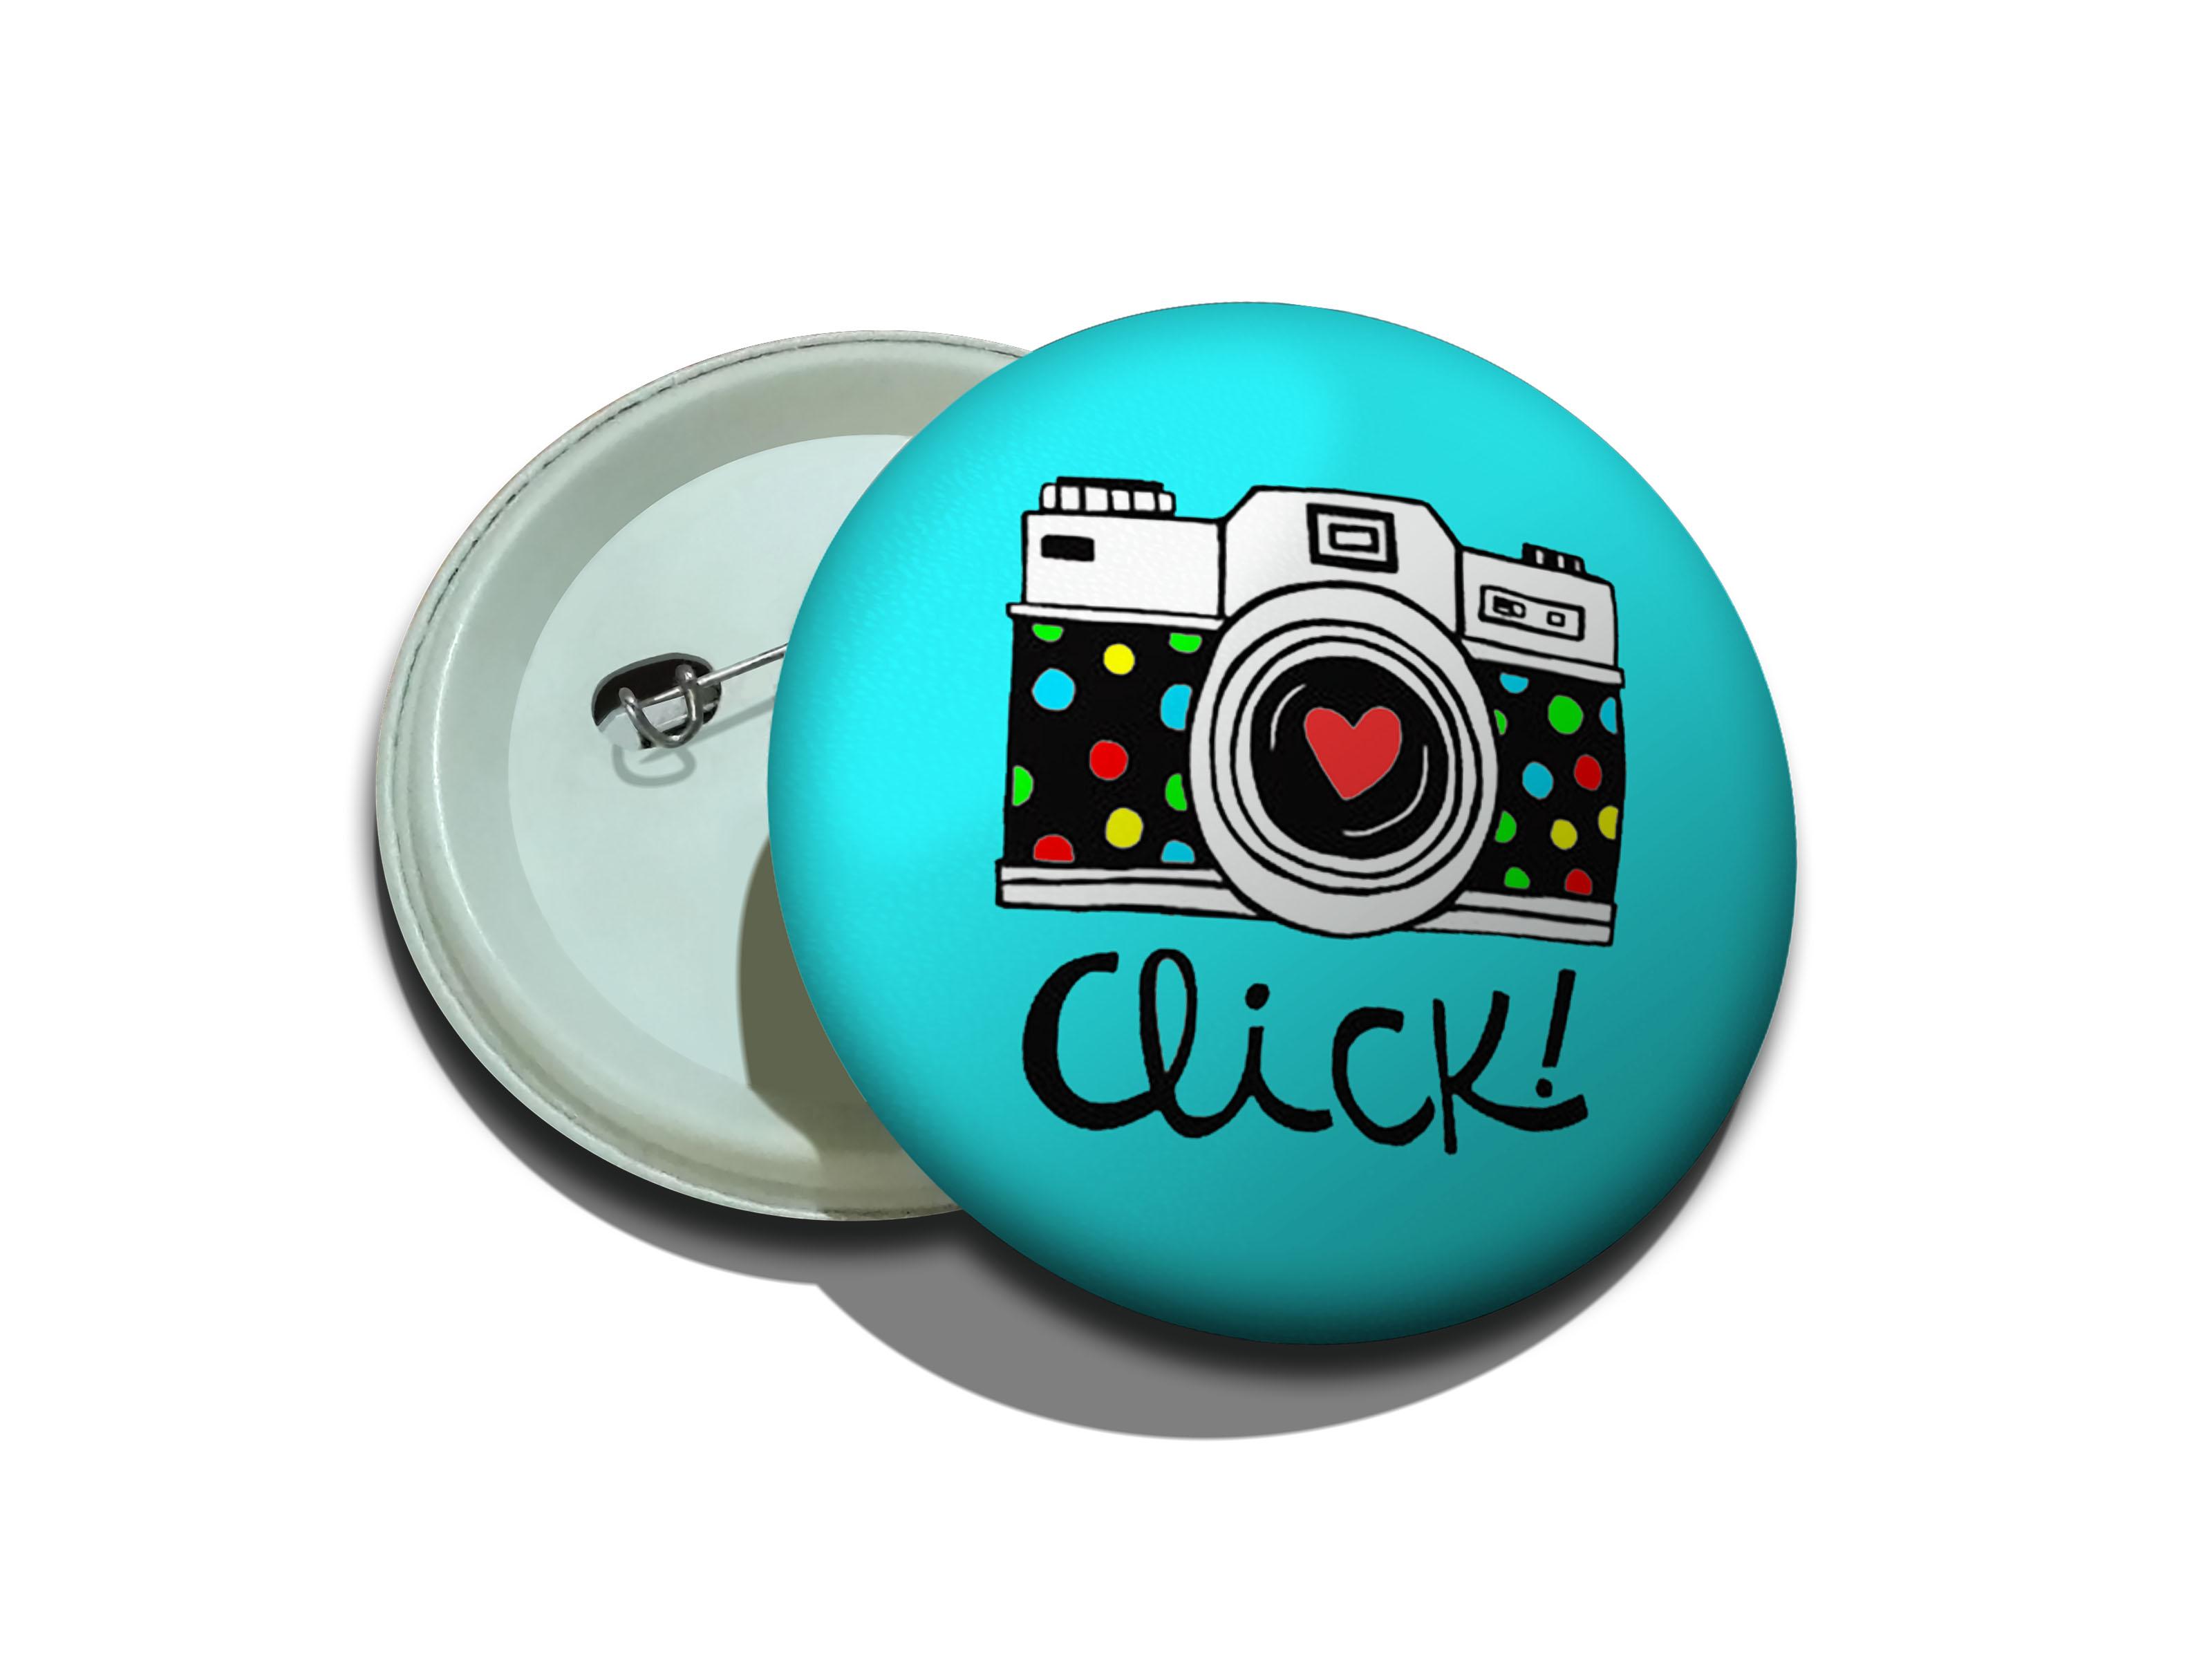 پیکسل سوزنی طرح دوربین رنگی رنگی آبی